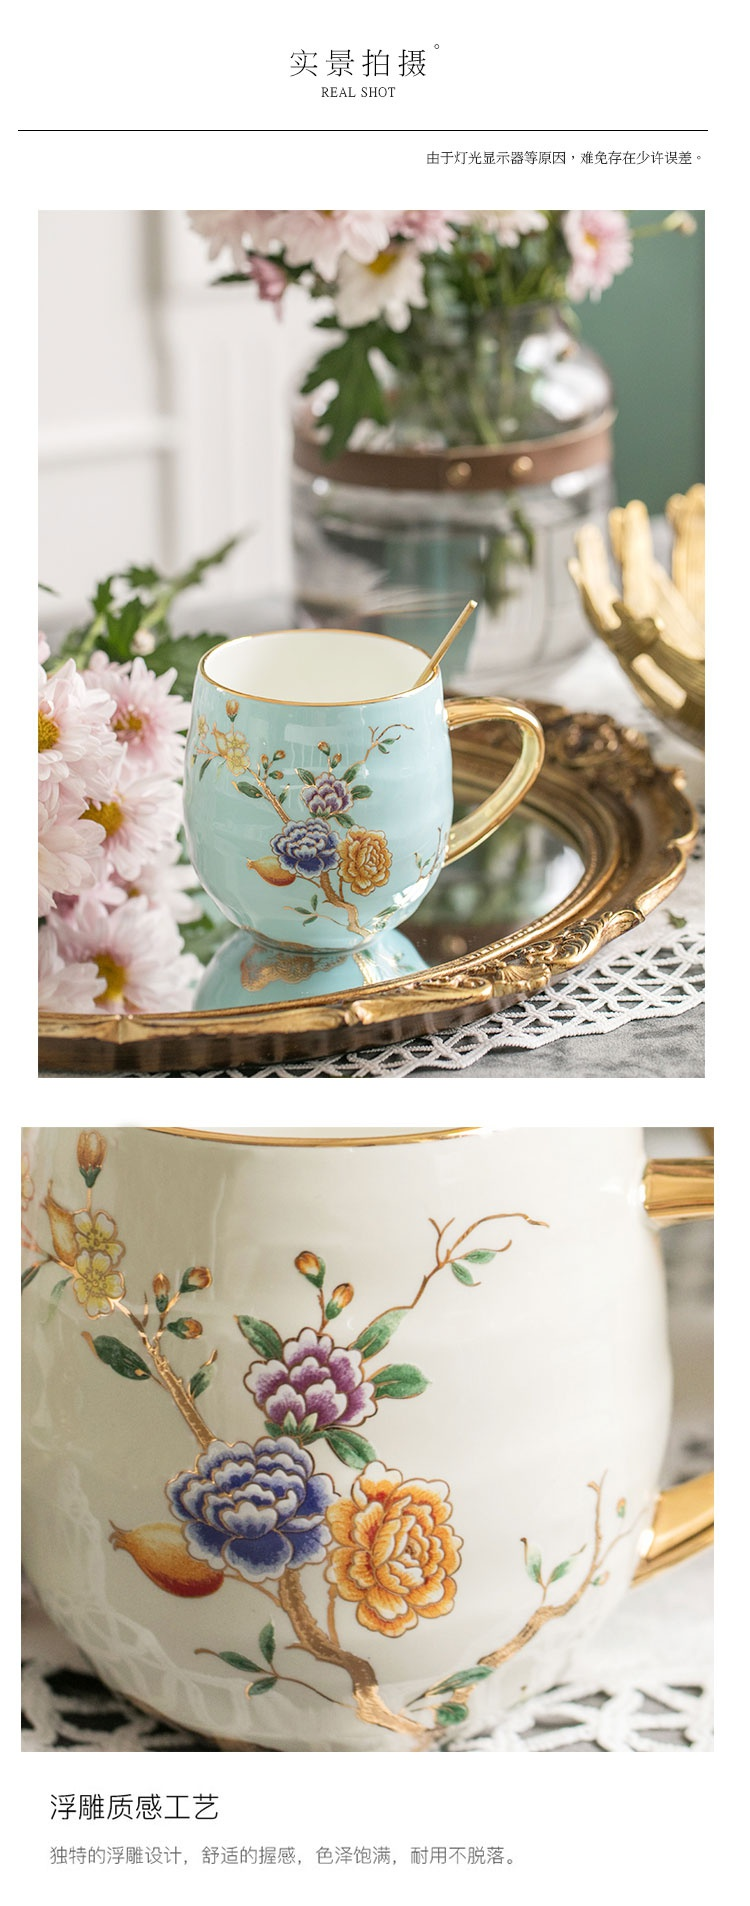 欧式陶瓷马克杯骨瓷情侣咖啡杯子大容量复古国风石榴家用礼品